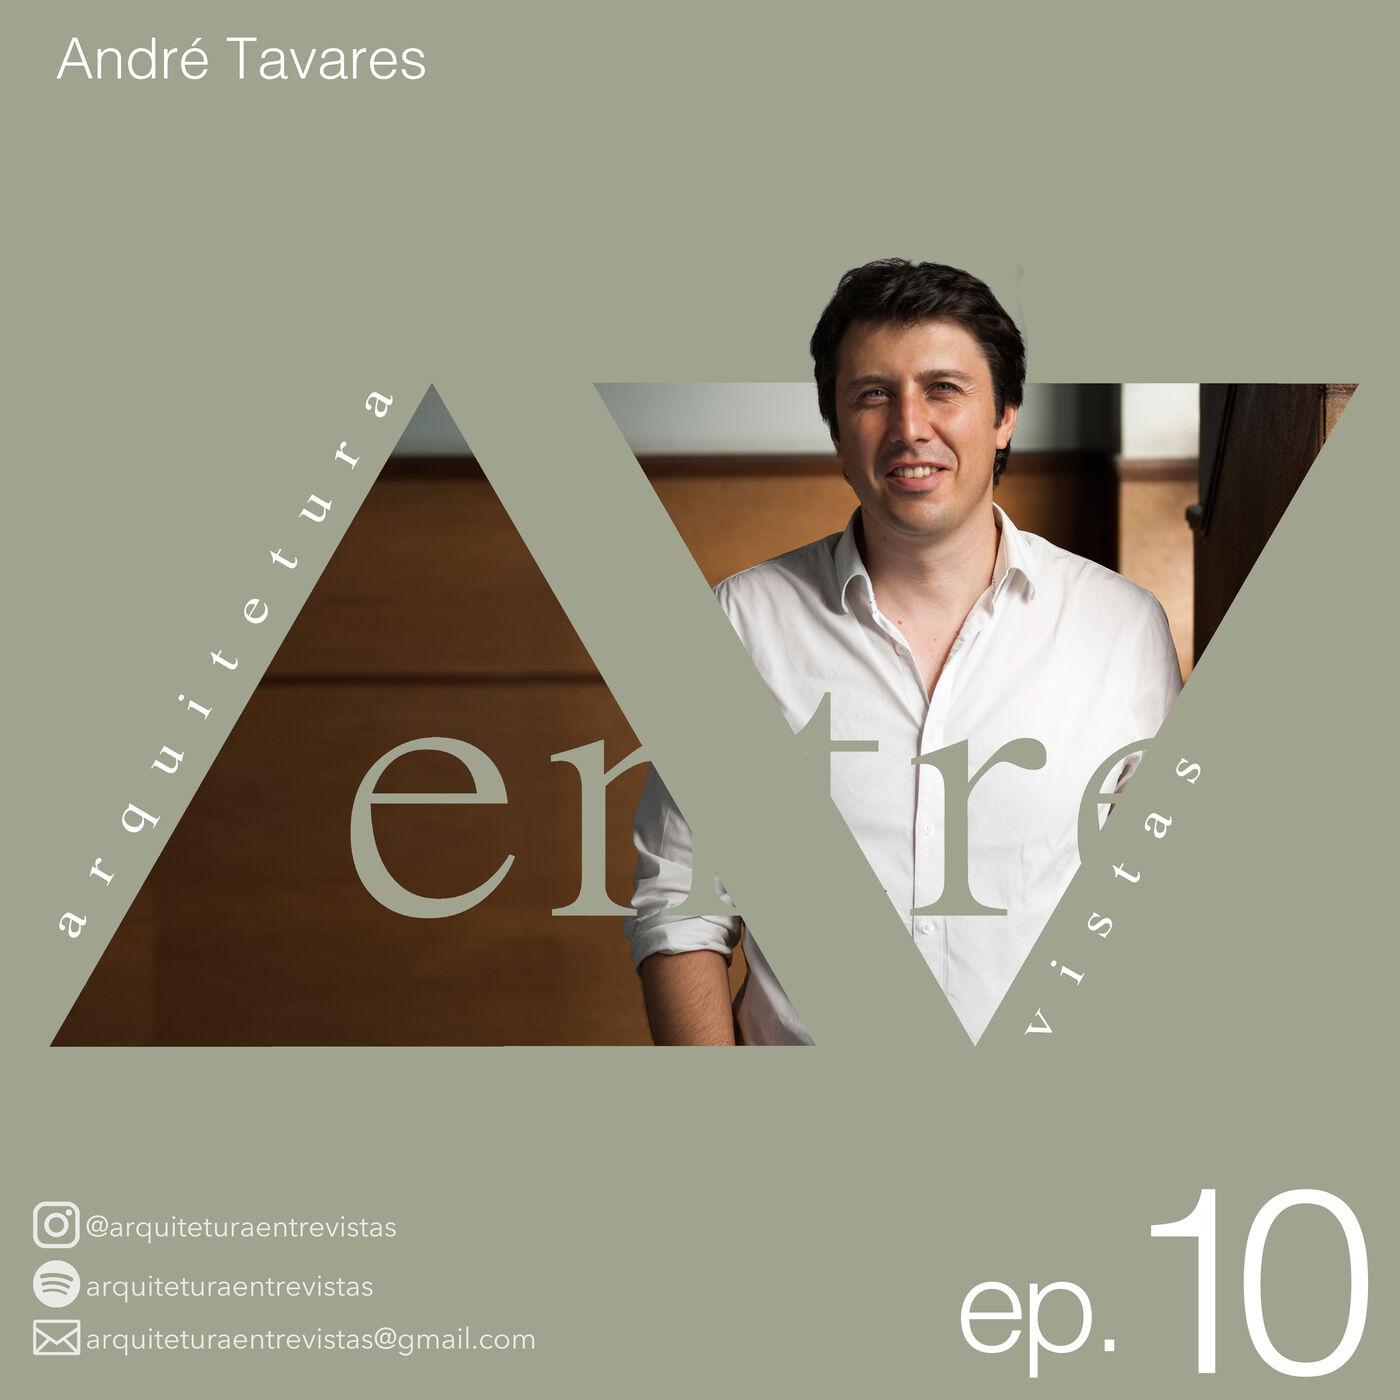 EP.10 André Tavares, Arquitetura Entre Vistas